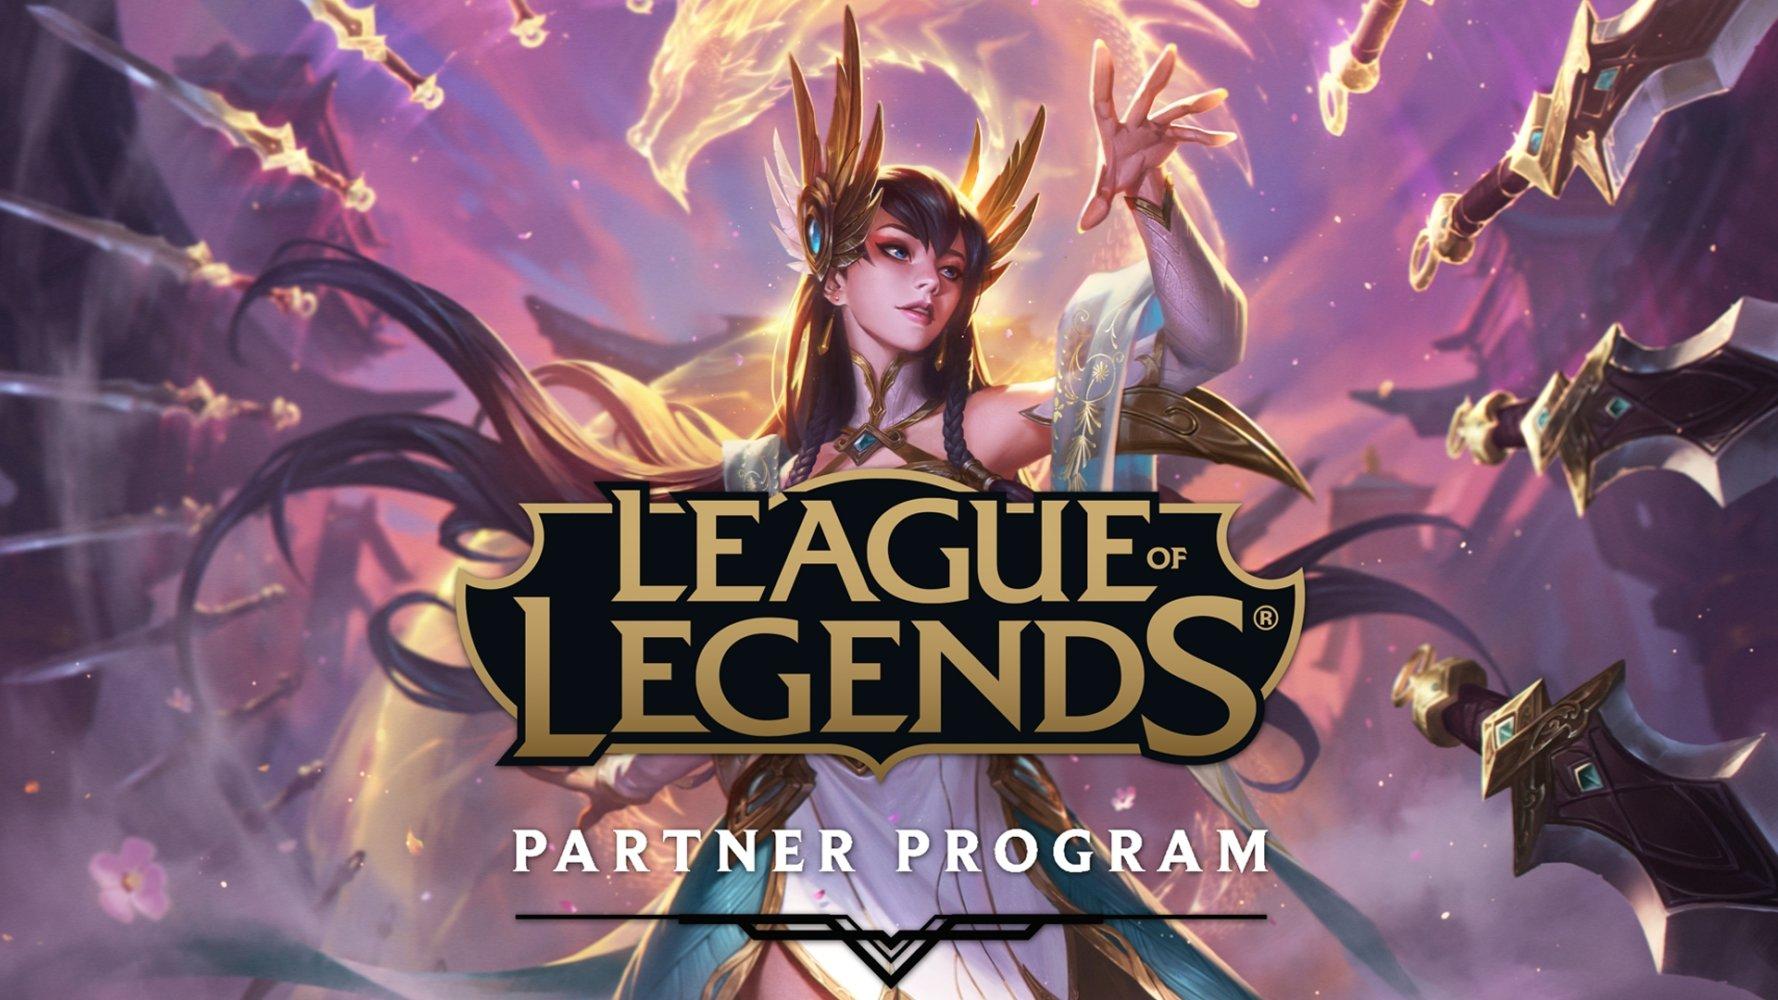 league partner program league of legends